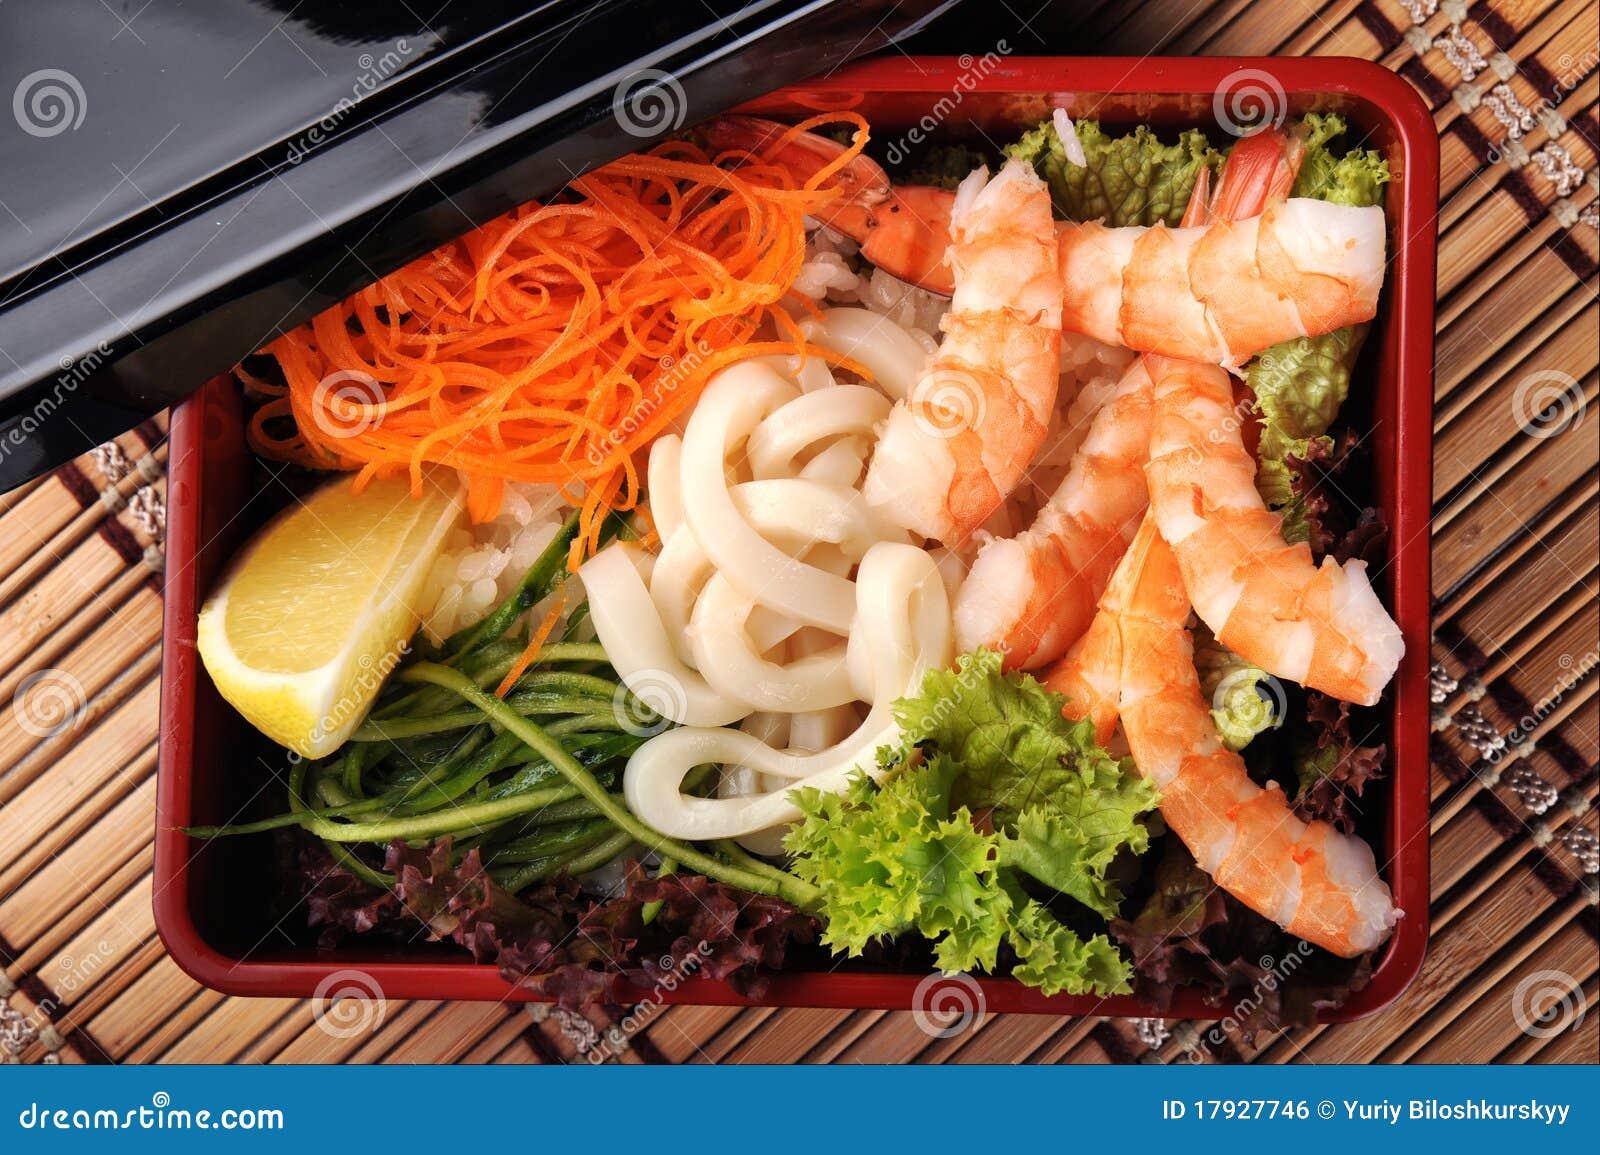 Cuisine japonaise image libre de droits image 17927746 for Cuisine japonaise